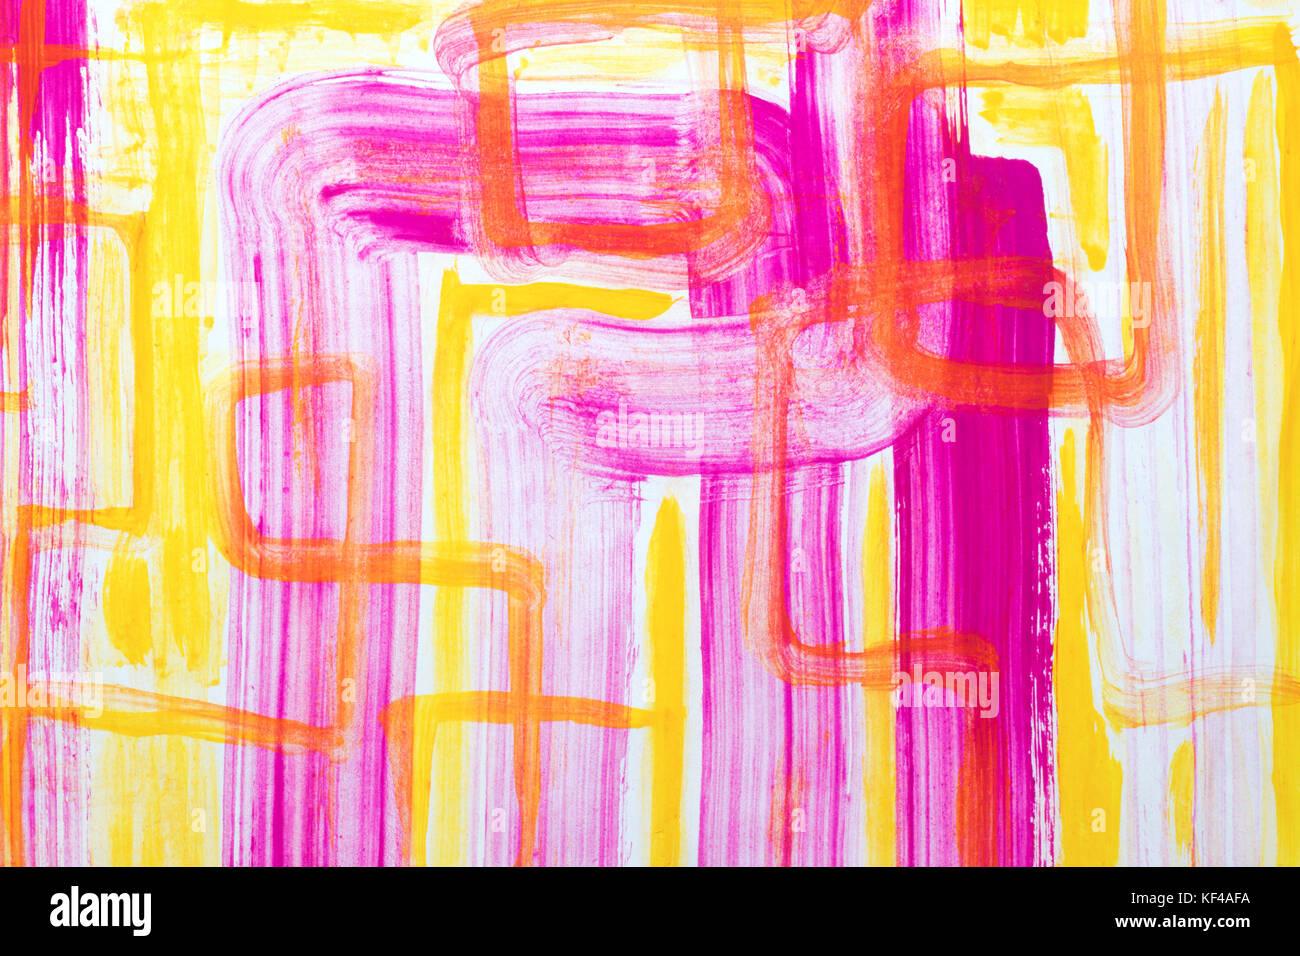 Abstrakte Kunst Hintergrund. Öl Gemälde auf Leinwand. Grüne und ...